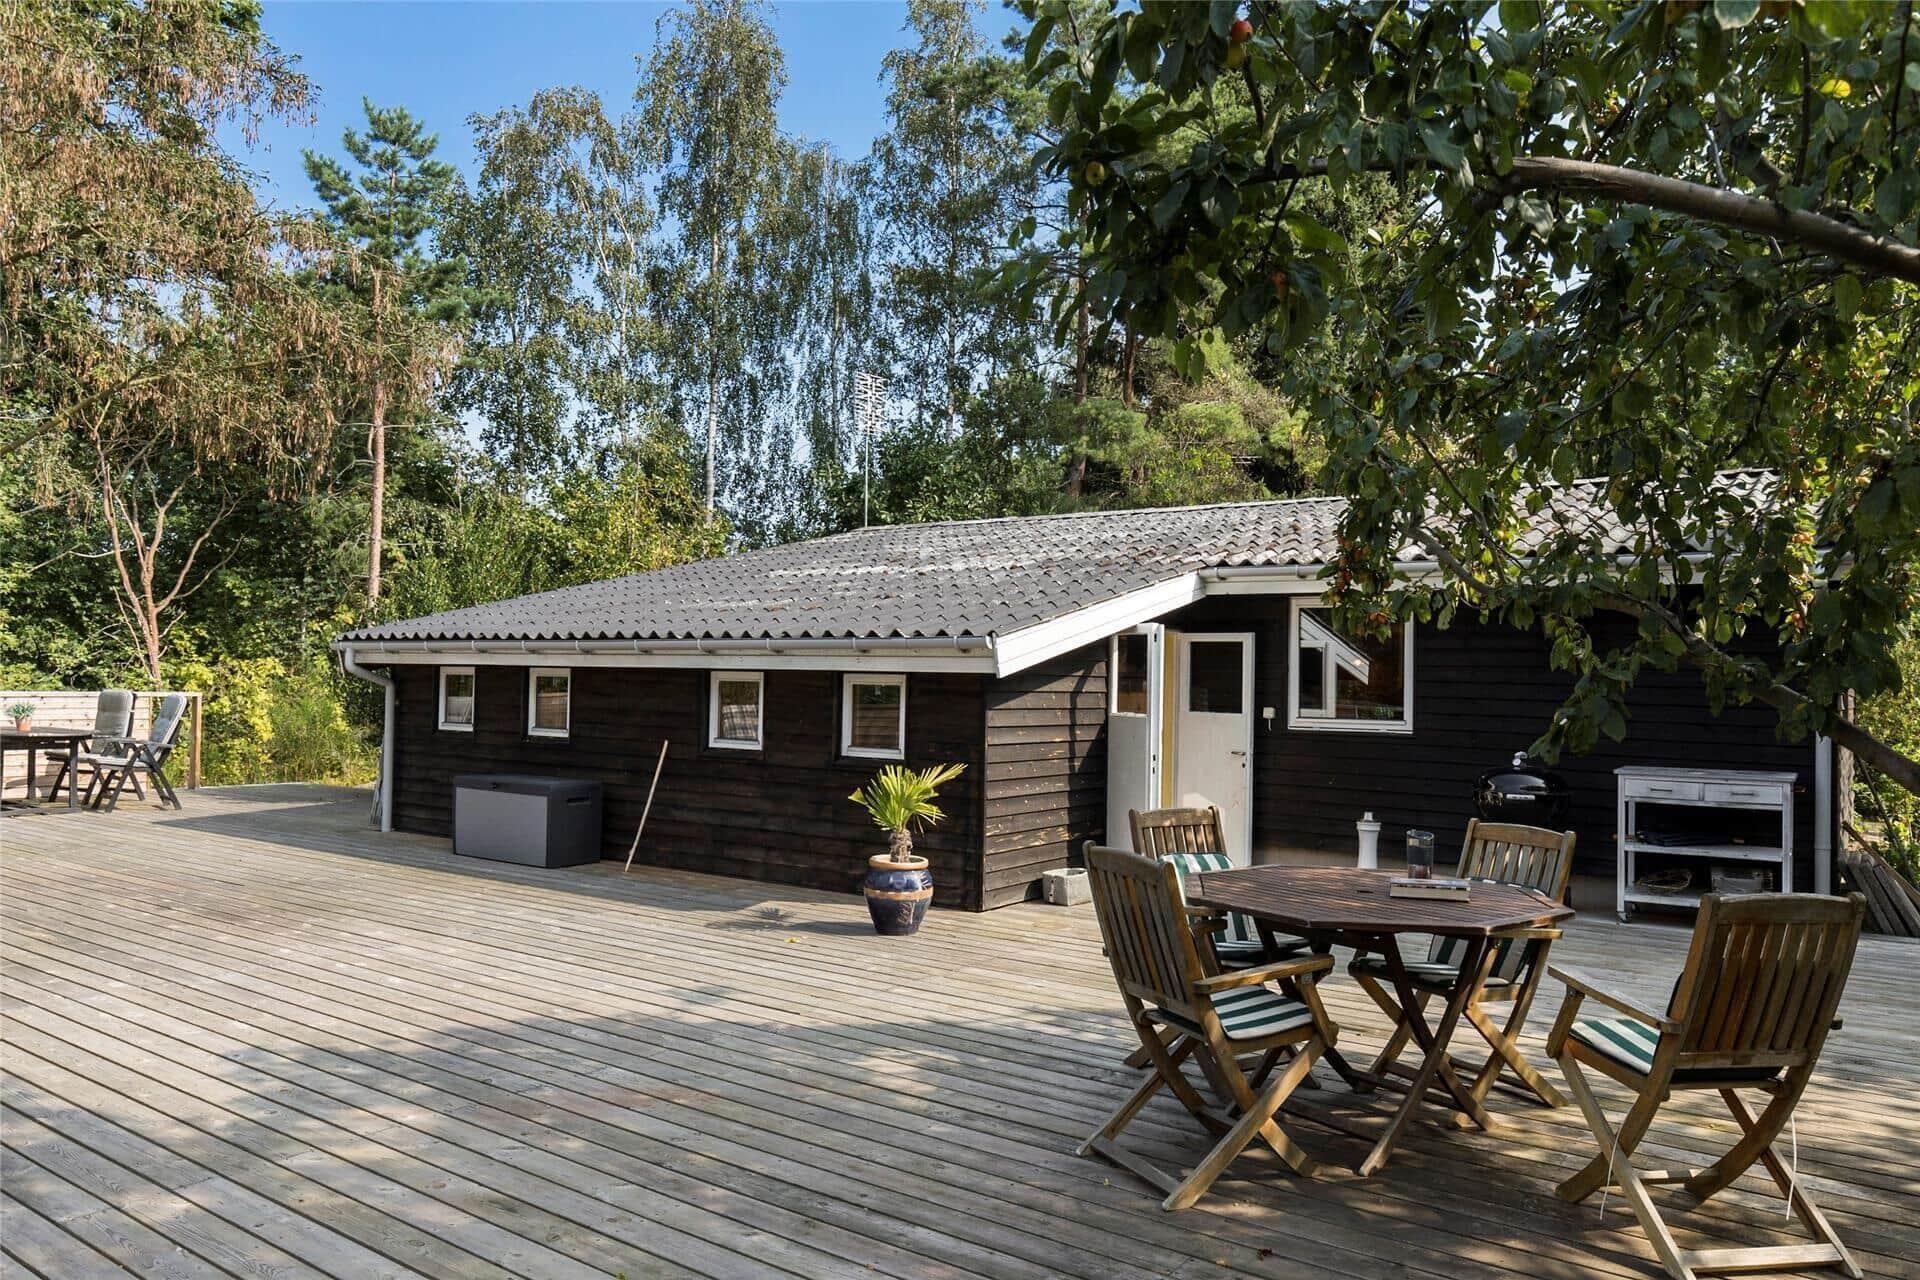 Bild 1-17 Ferienhaus 11826, Lynglodden 5, DK - 4500 Nykøbing Sj